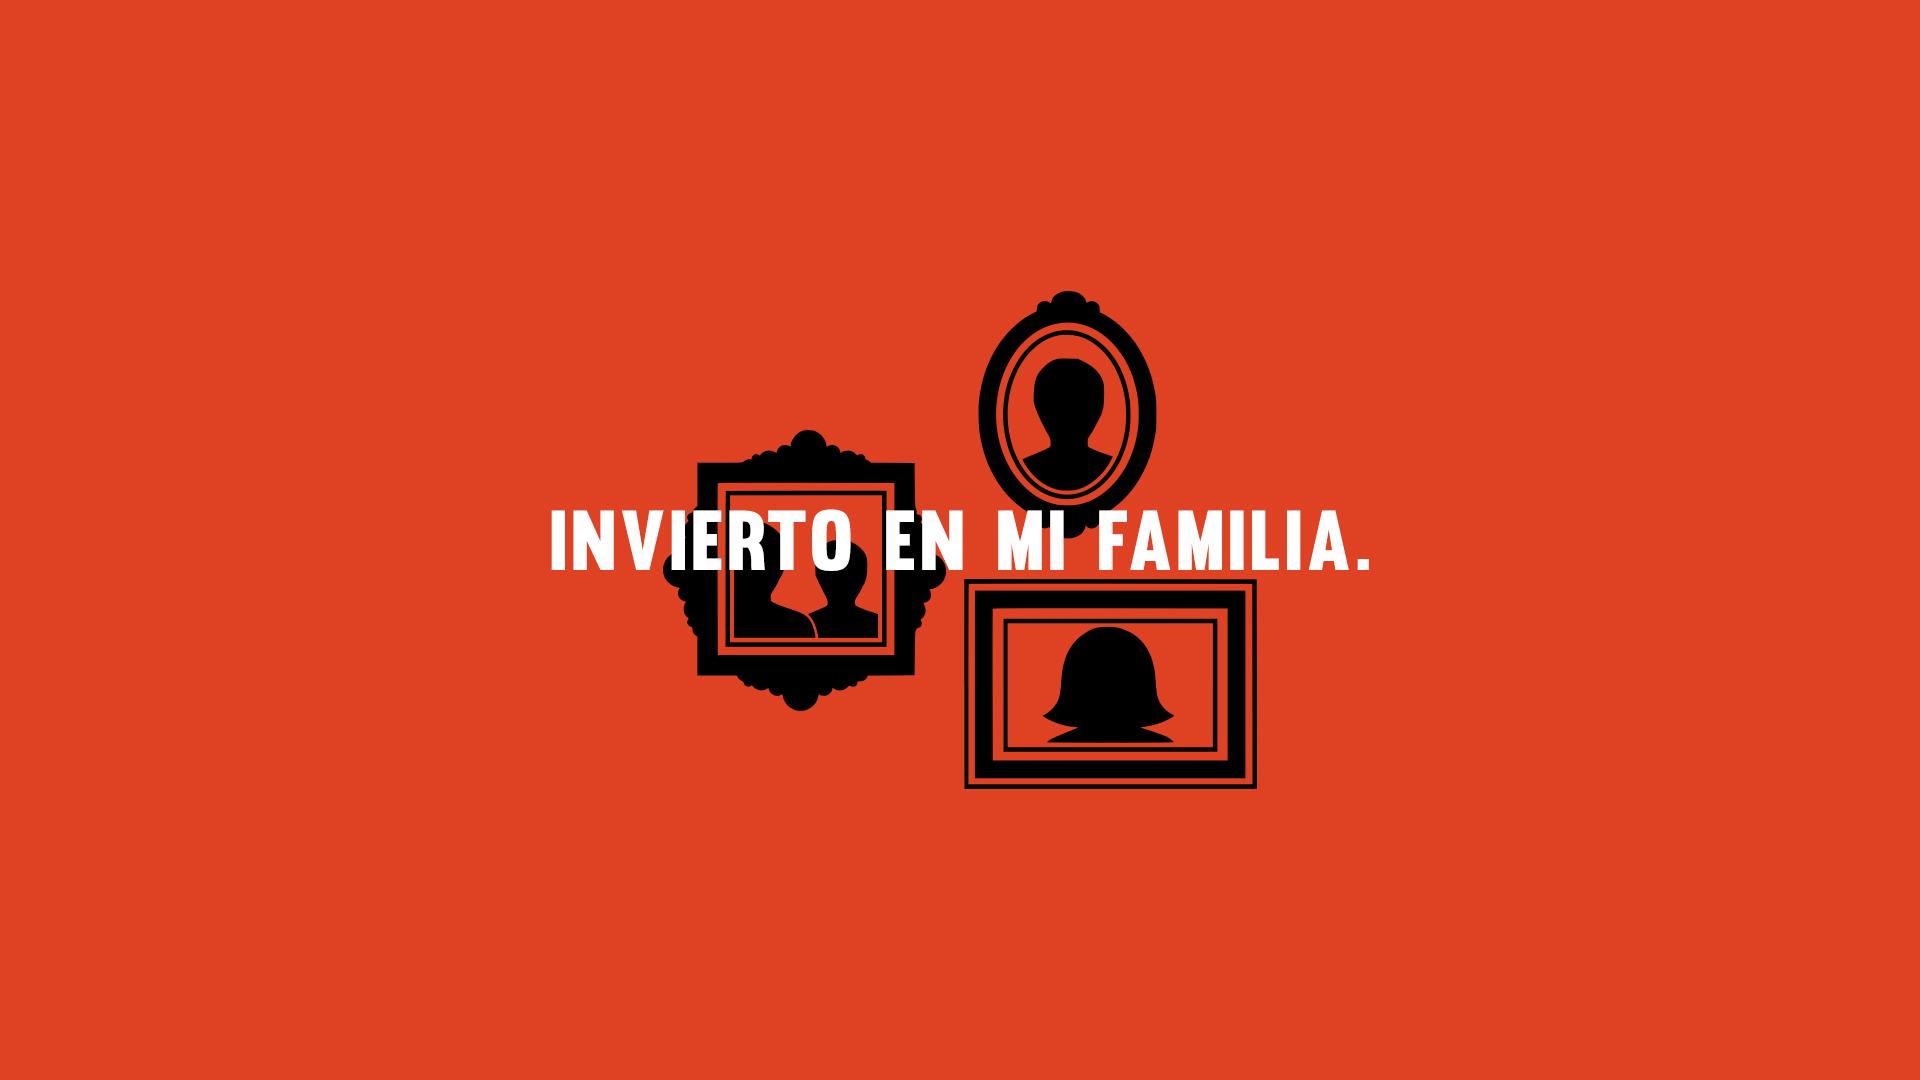 INVIERTO EN MI FAMILIA.jpg